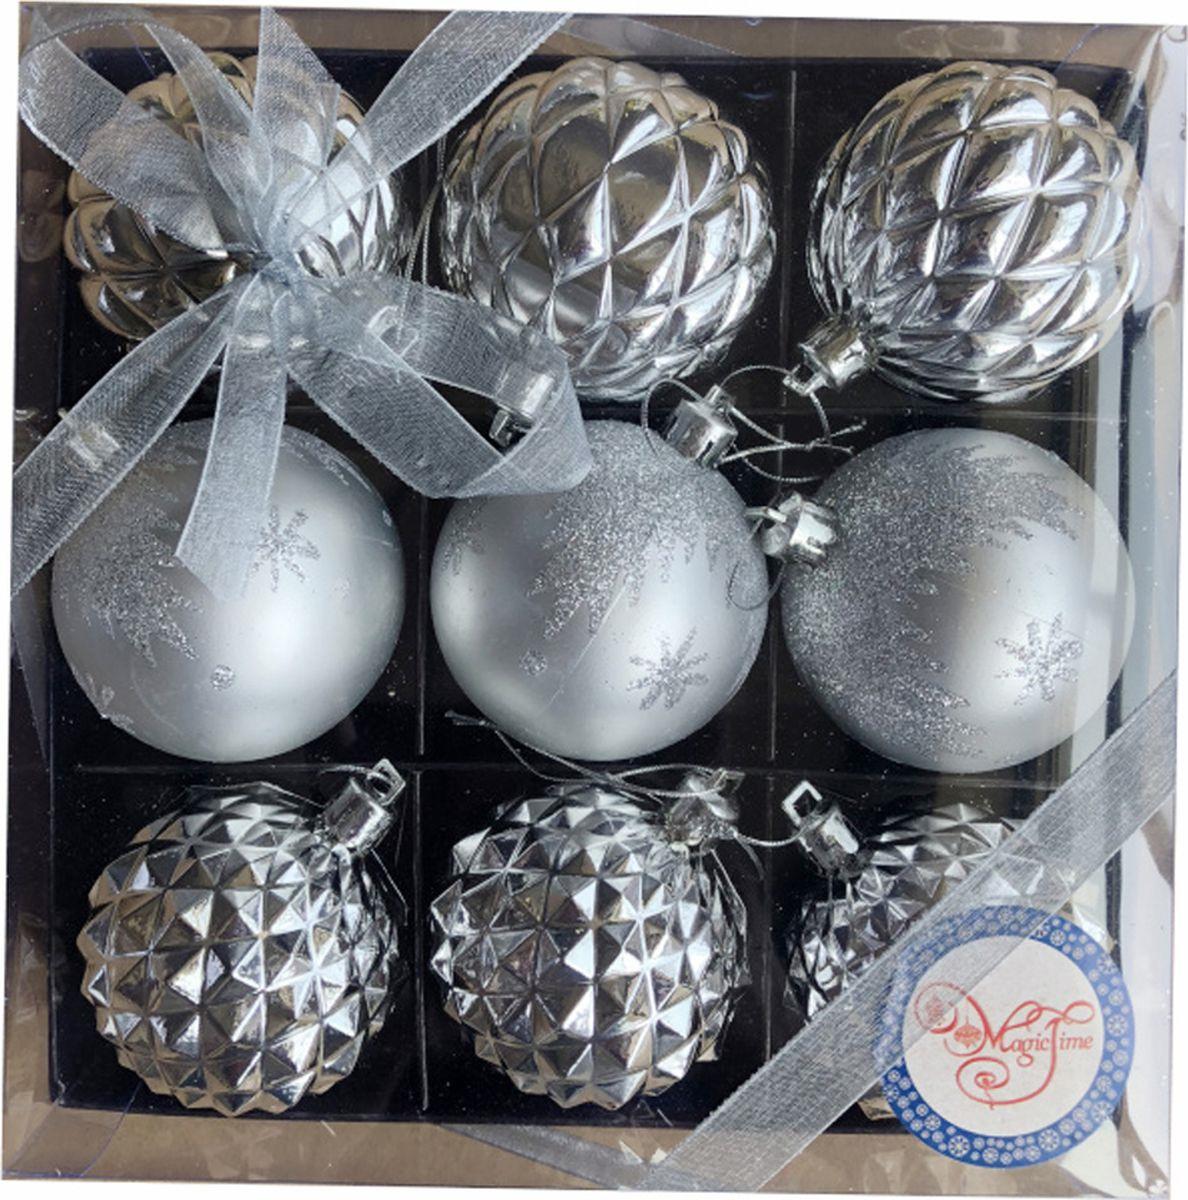 Набор новогодних подвесных украшений Magic Time Серебряные шары, 9 шаров набор подвесных новогодних украшений шары цвет золотистый красный 6 шт 26270